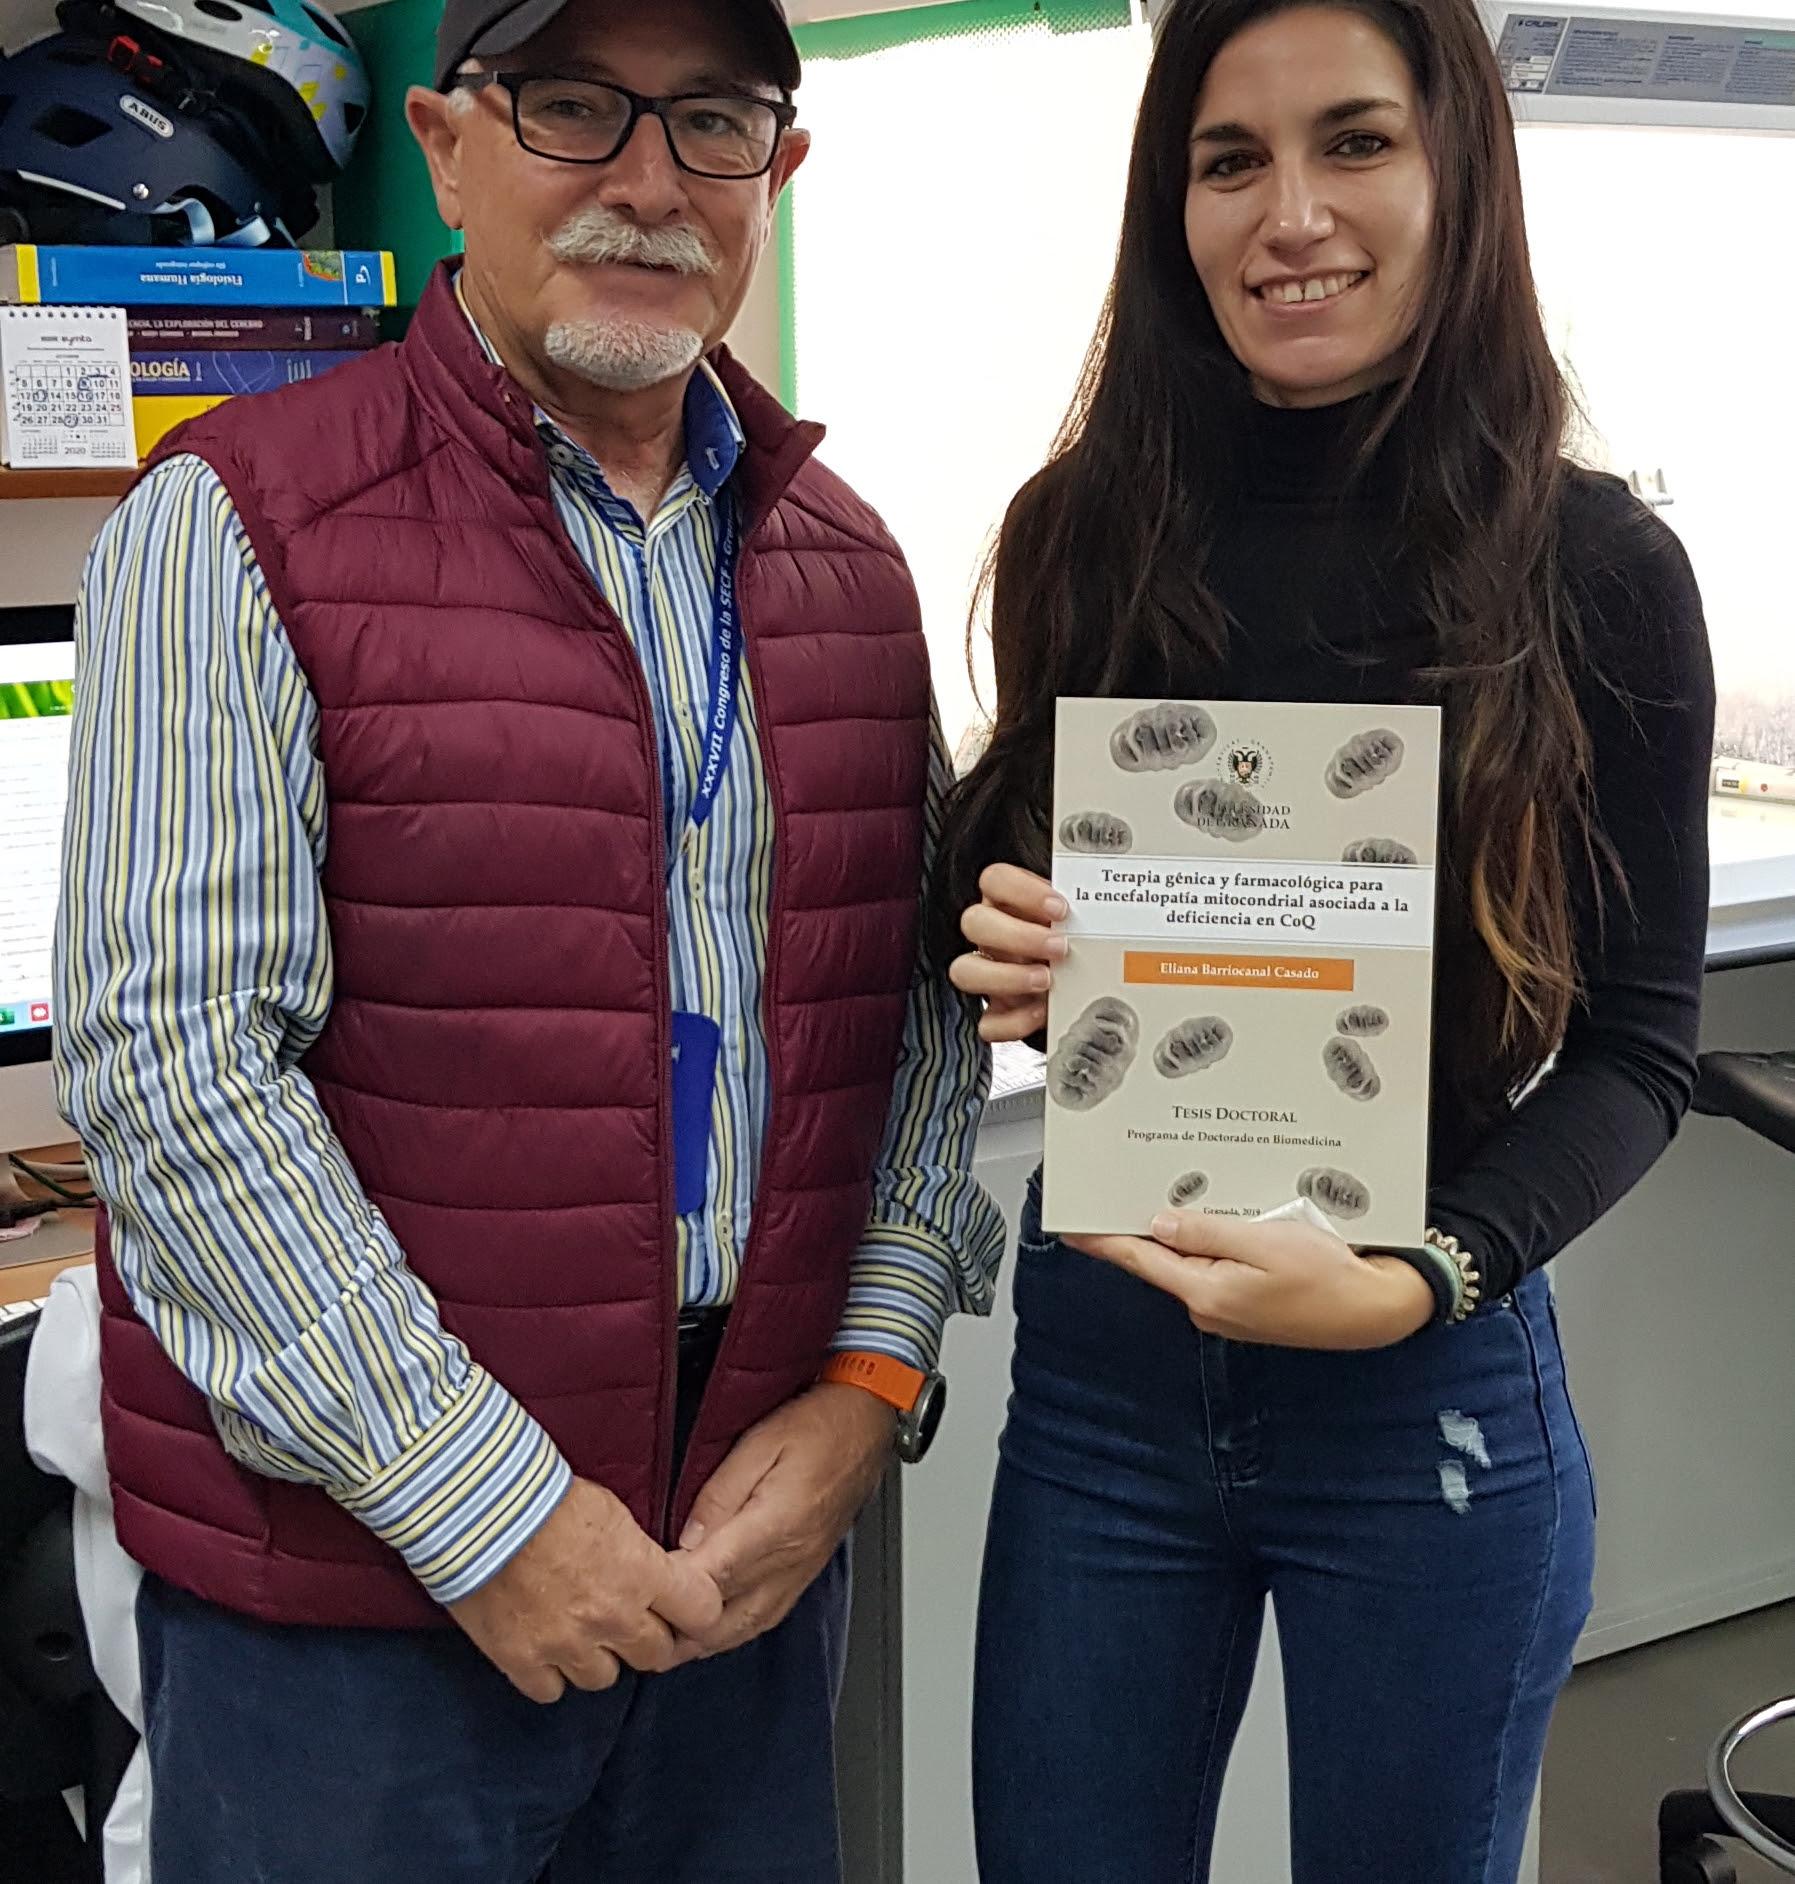 La Sociedad Española de Ciencias Fisiólogicas (SECF) premia la tesis doctoral de  Eliana Barriocanal, investigadora de la UGR